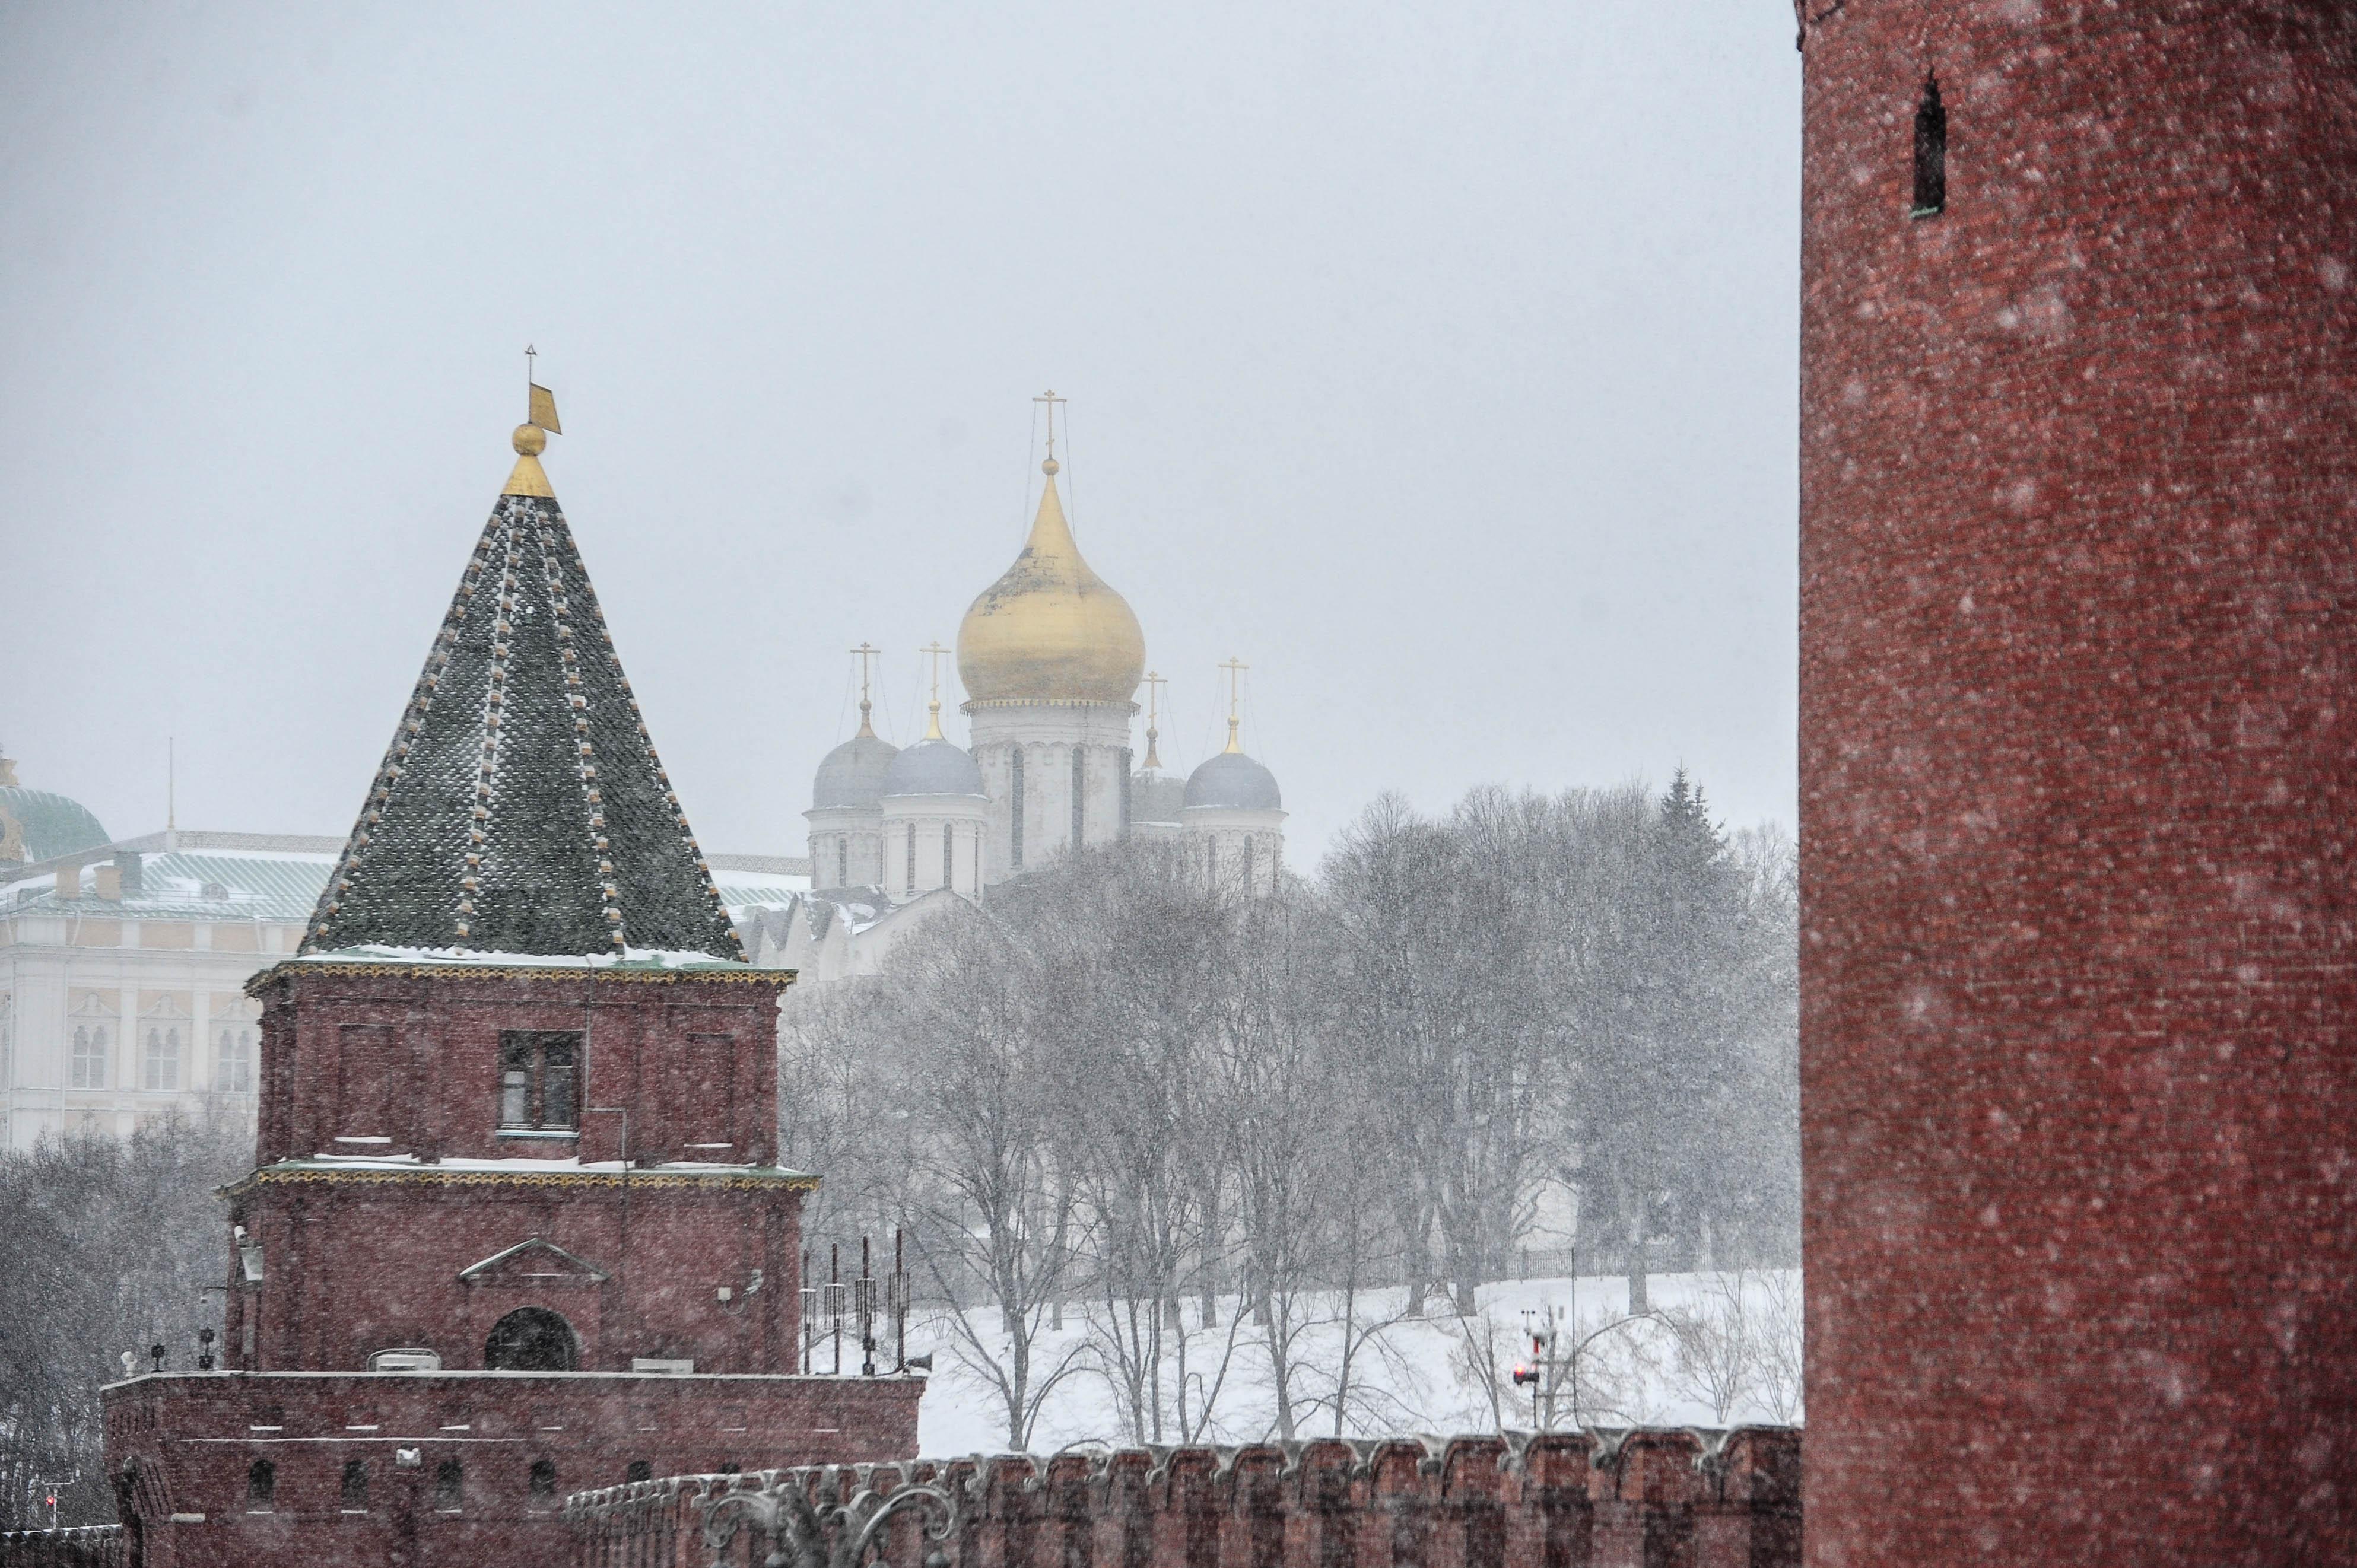 Жителям Москвы пообещали 8-сантиметровые сугробы